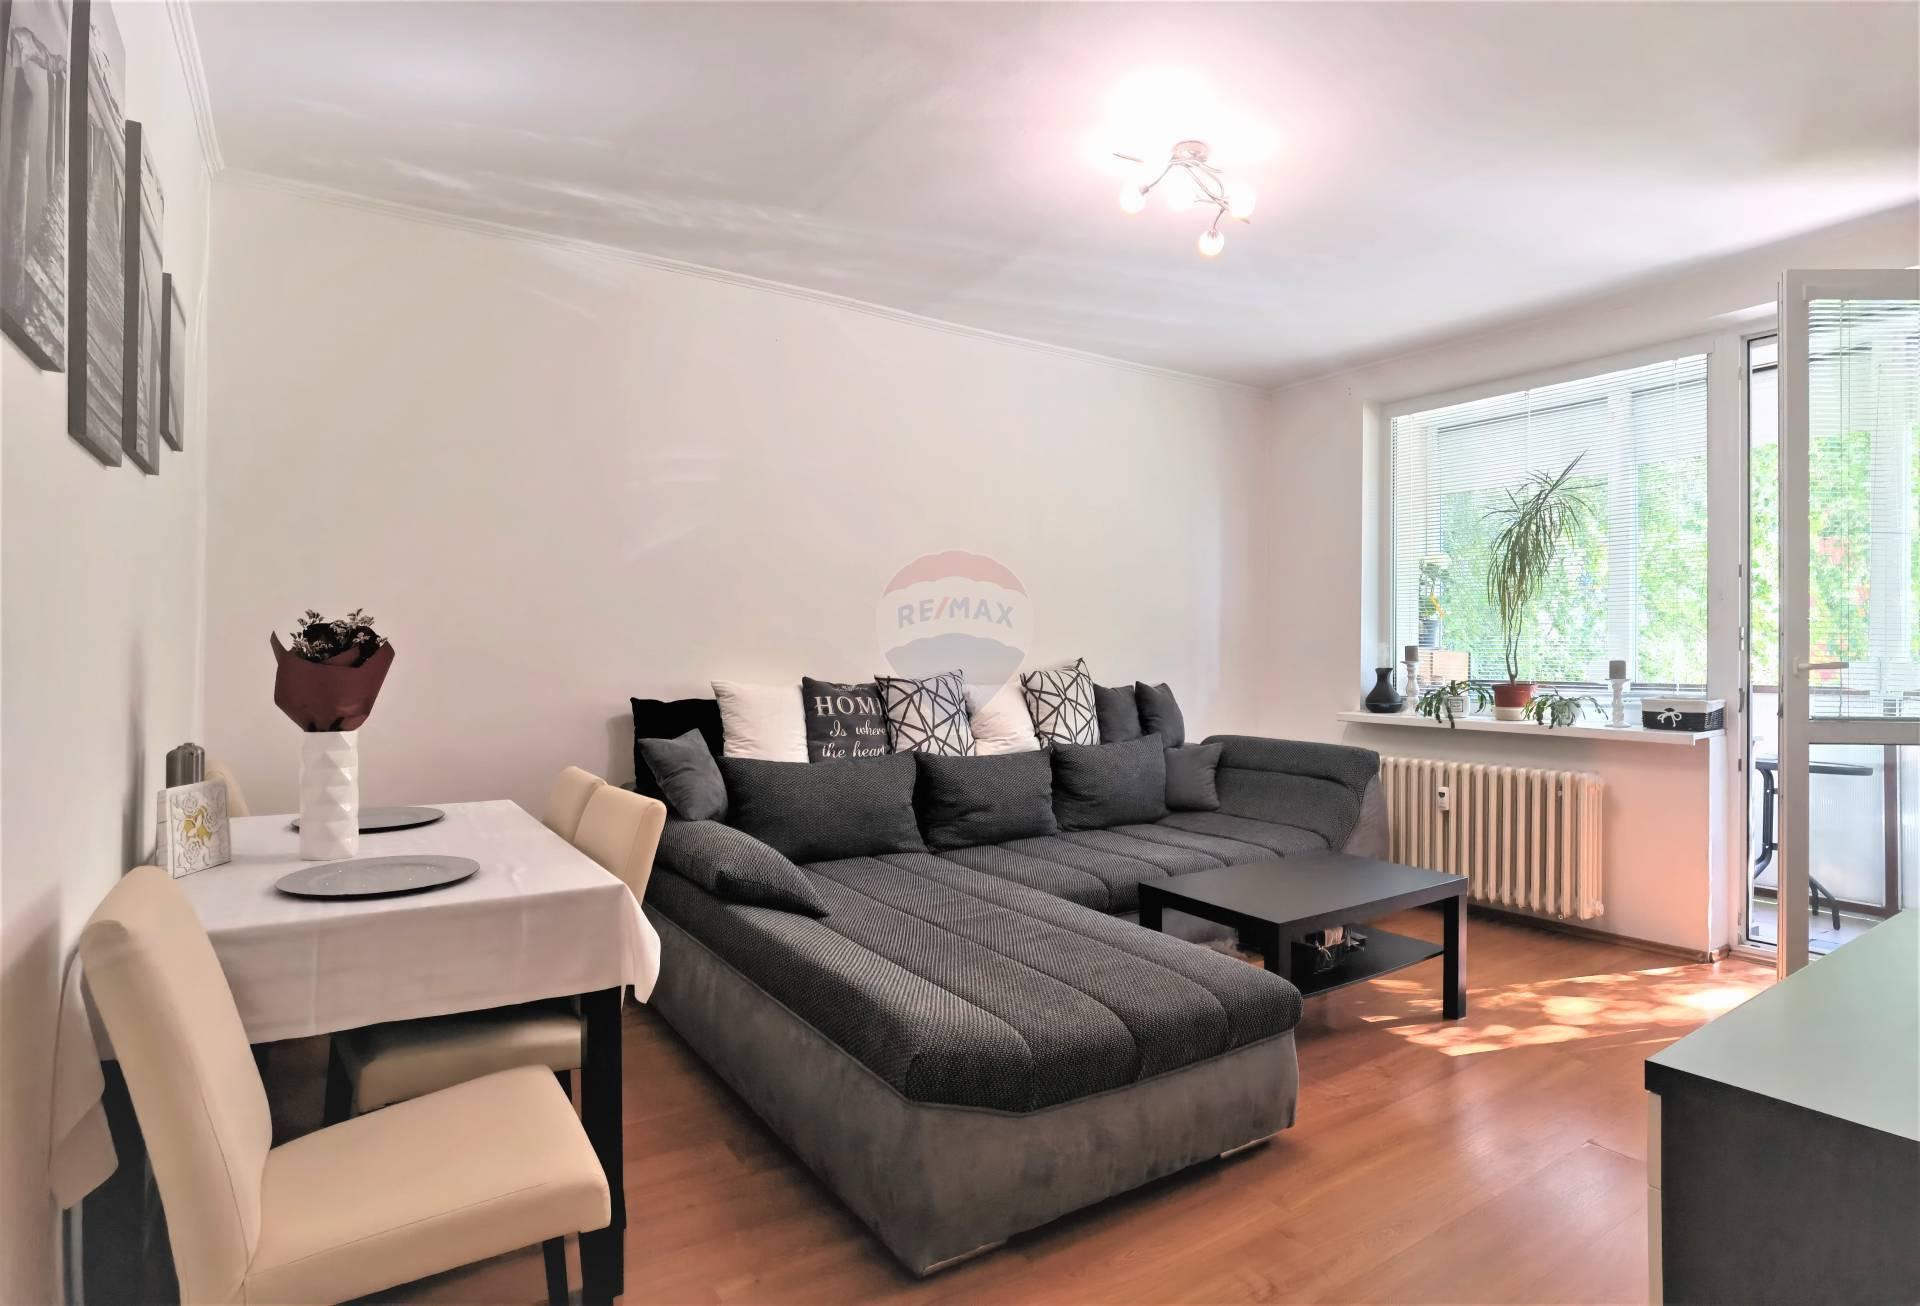 REZERVOVANÉ =RE/MAX= Na predaj 3 izbový zrekonštruovaný byt, Nerudova